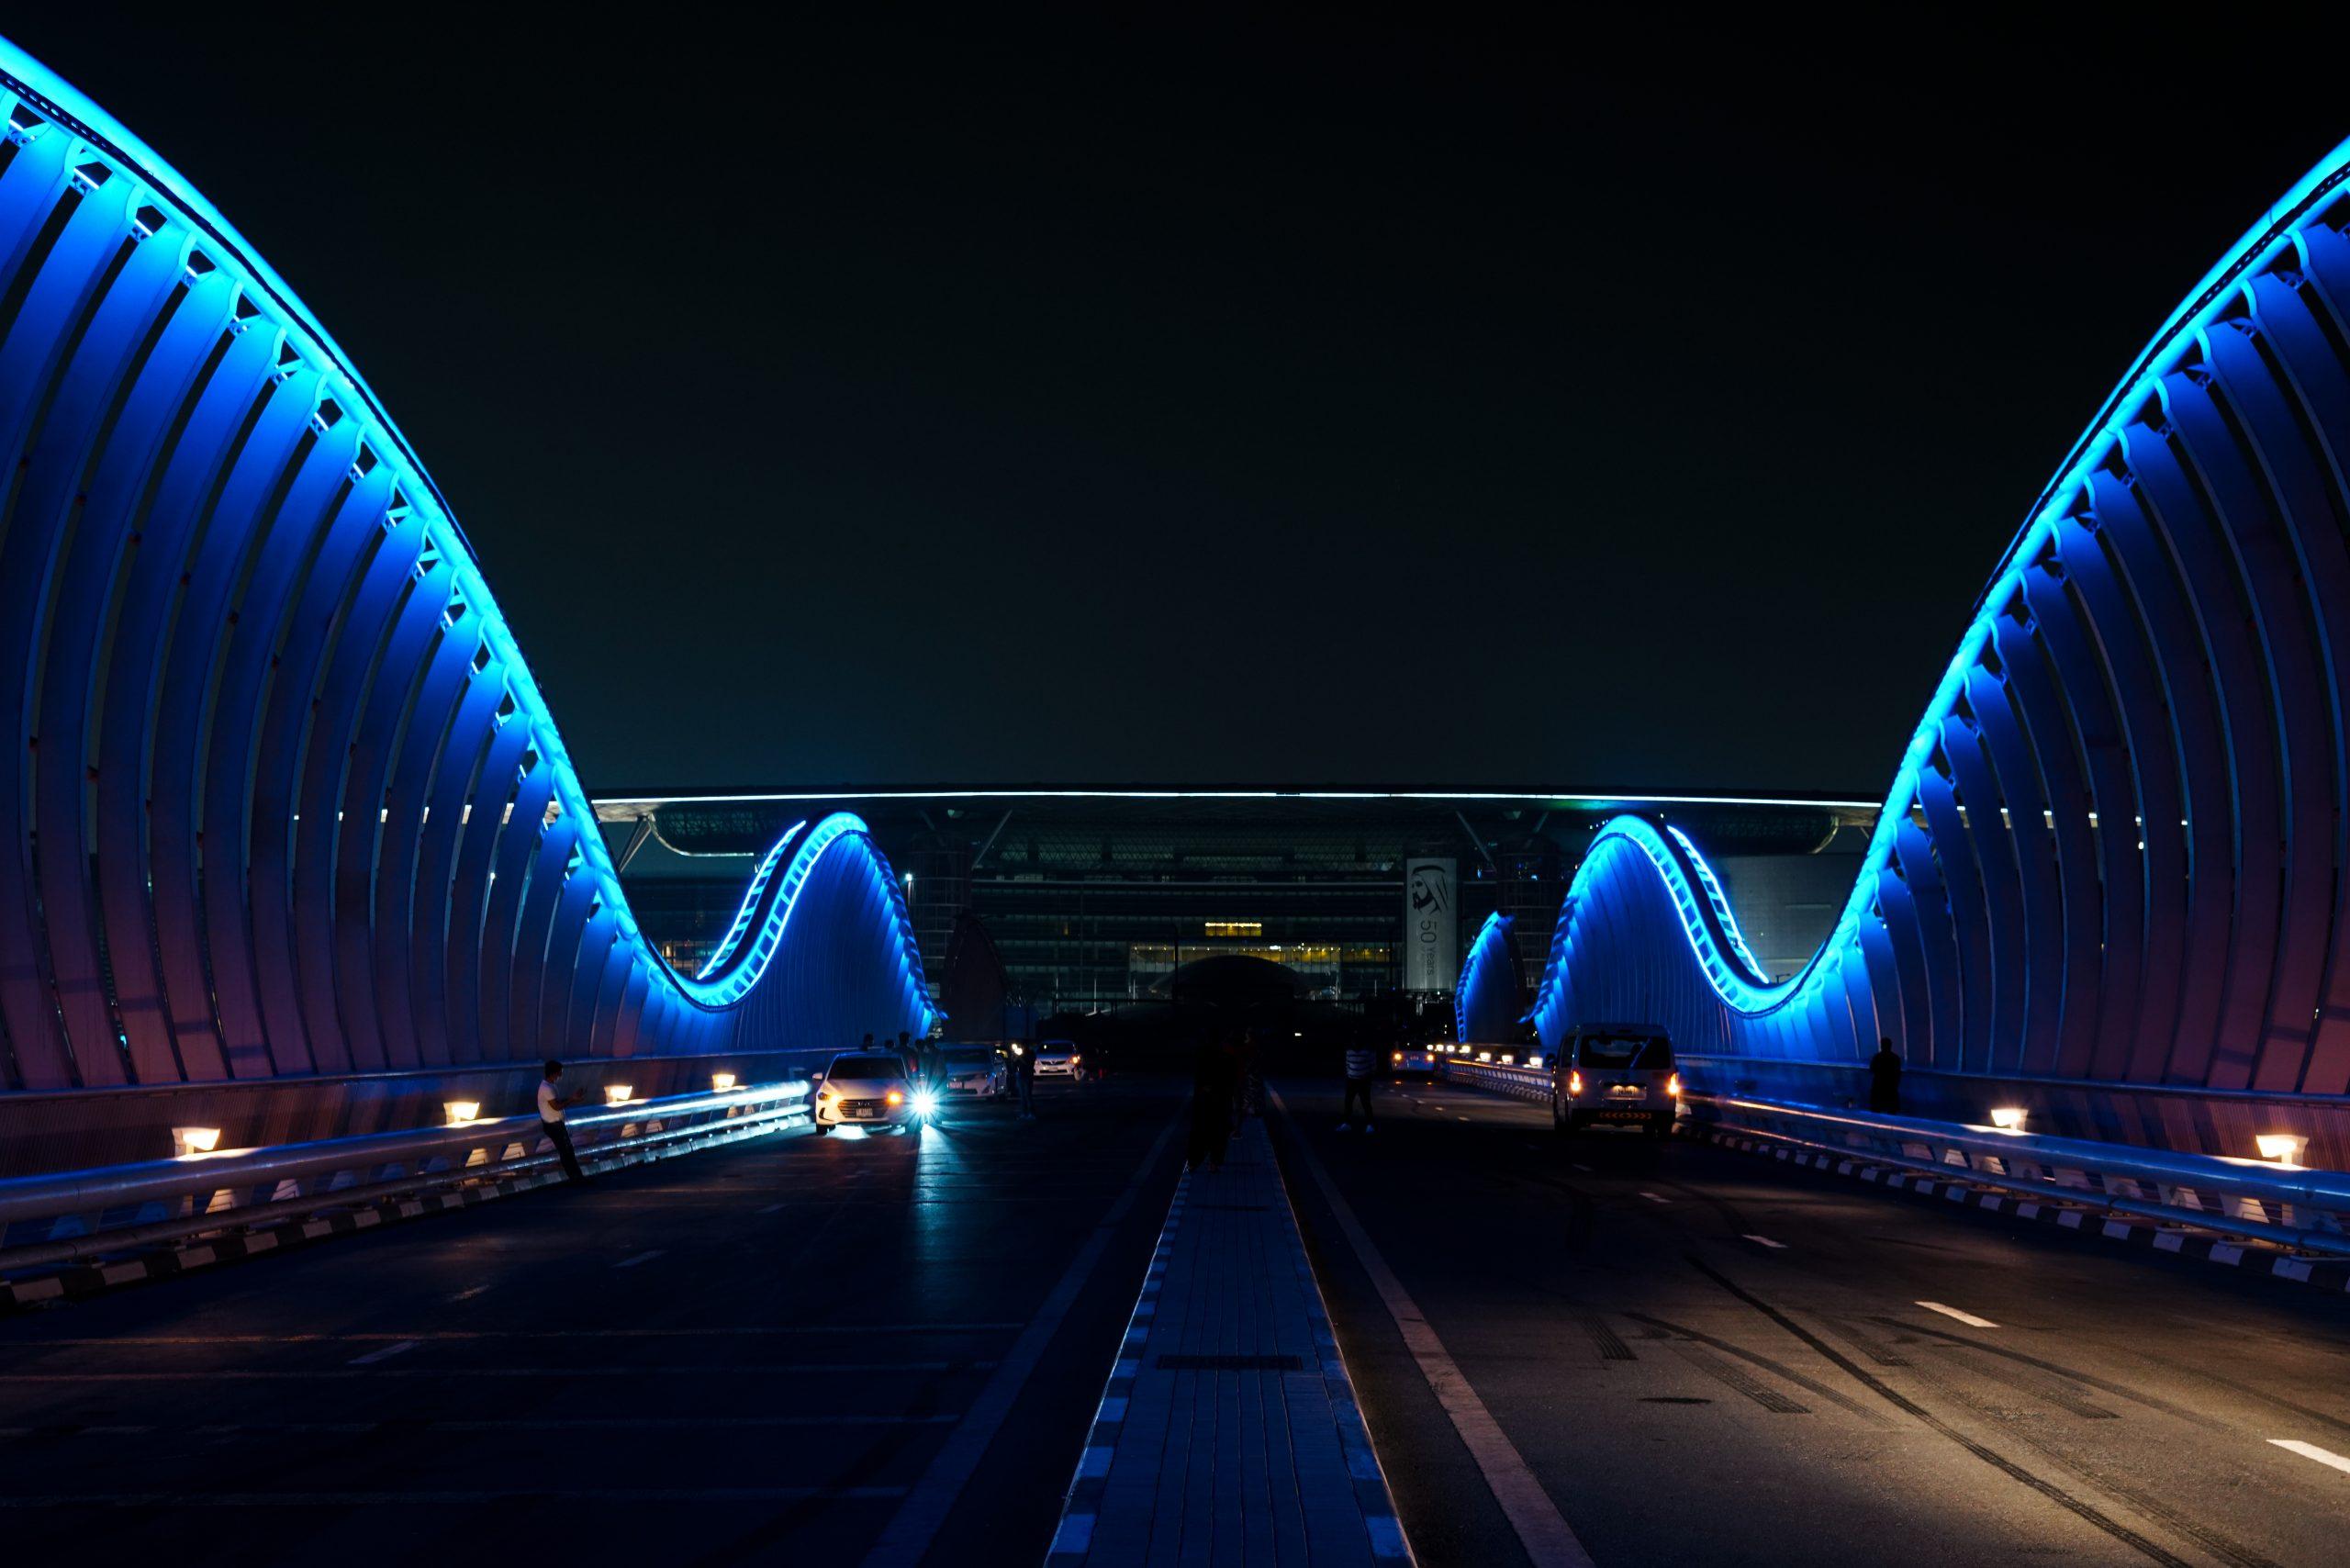 Meydan Bridge of Dubai